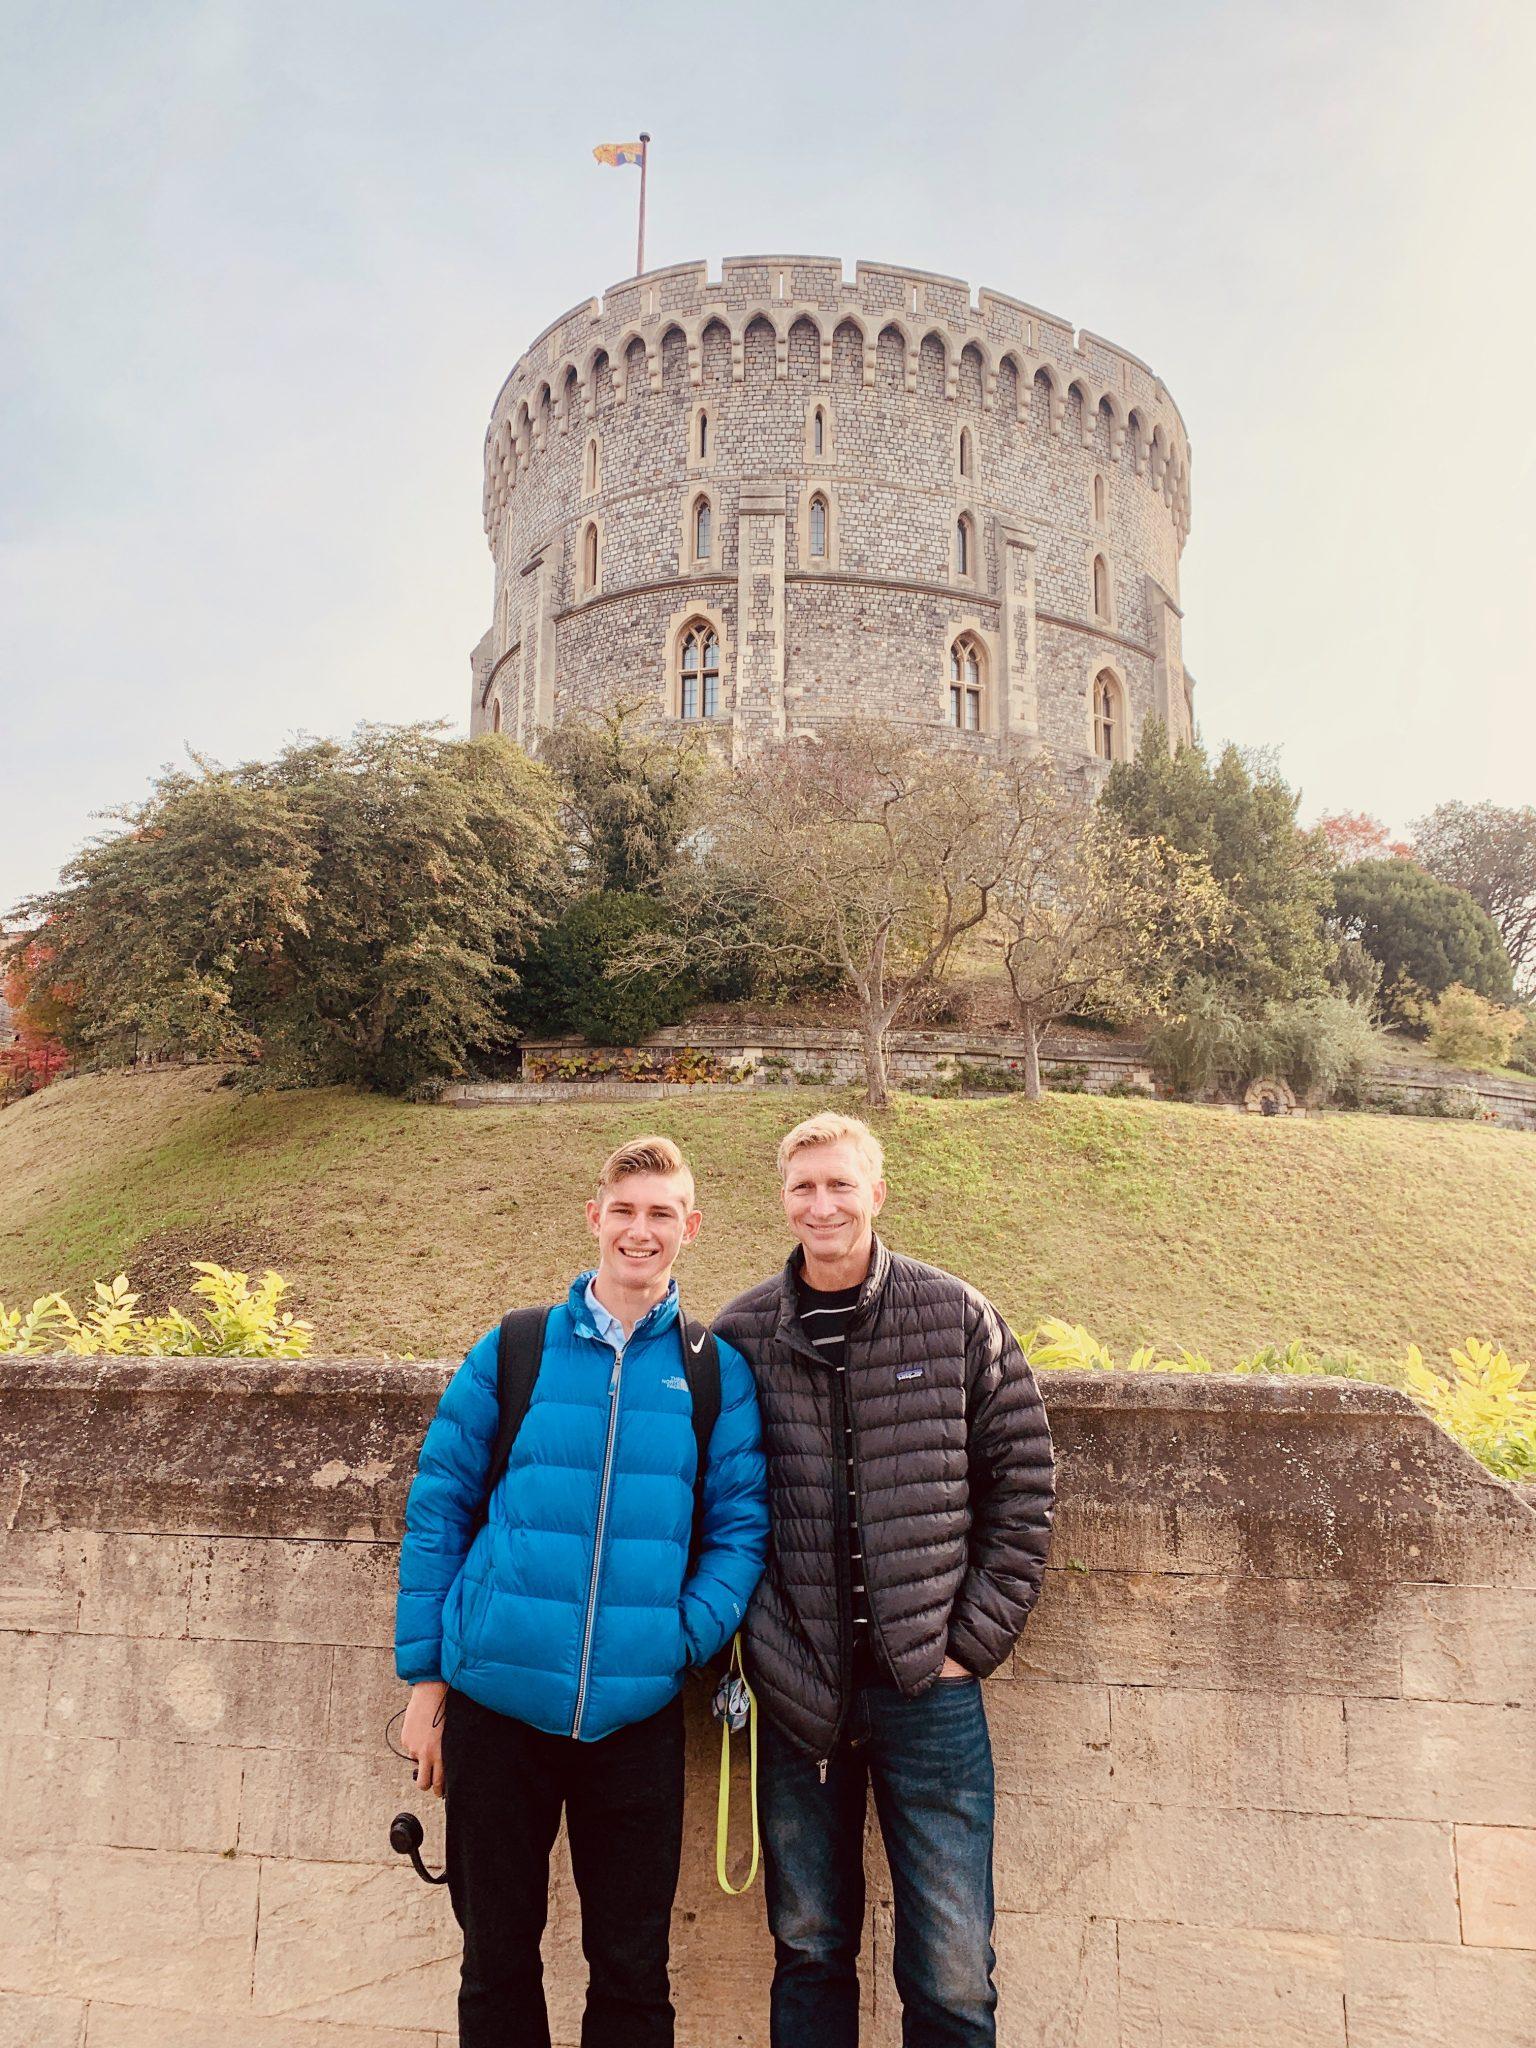 Visiting Windsor Castle